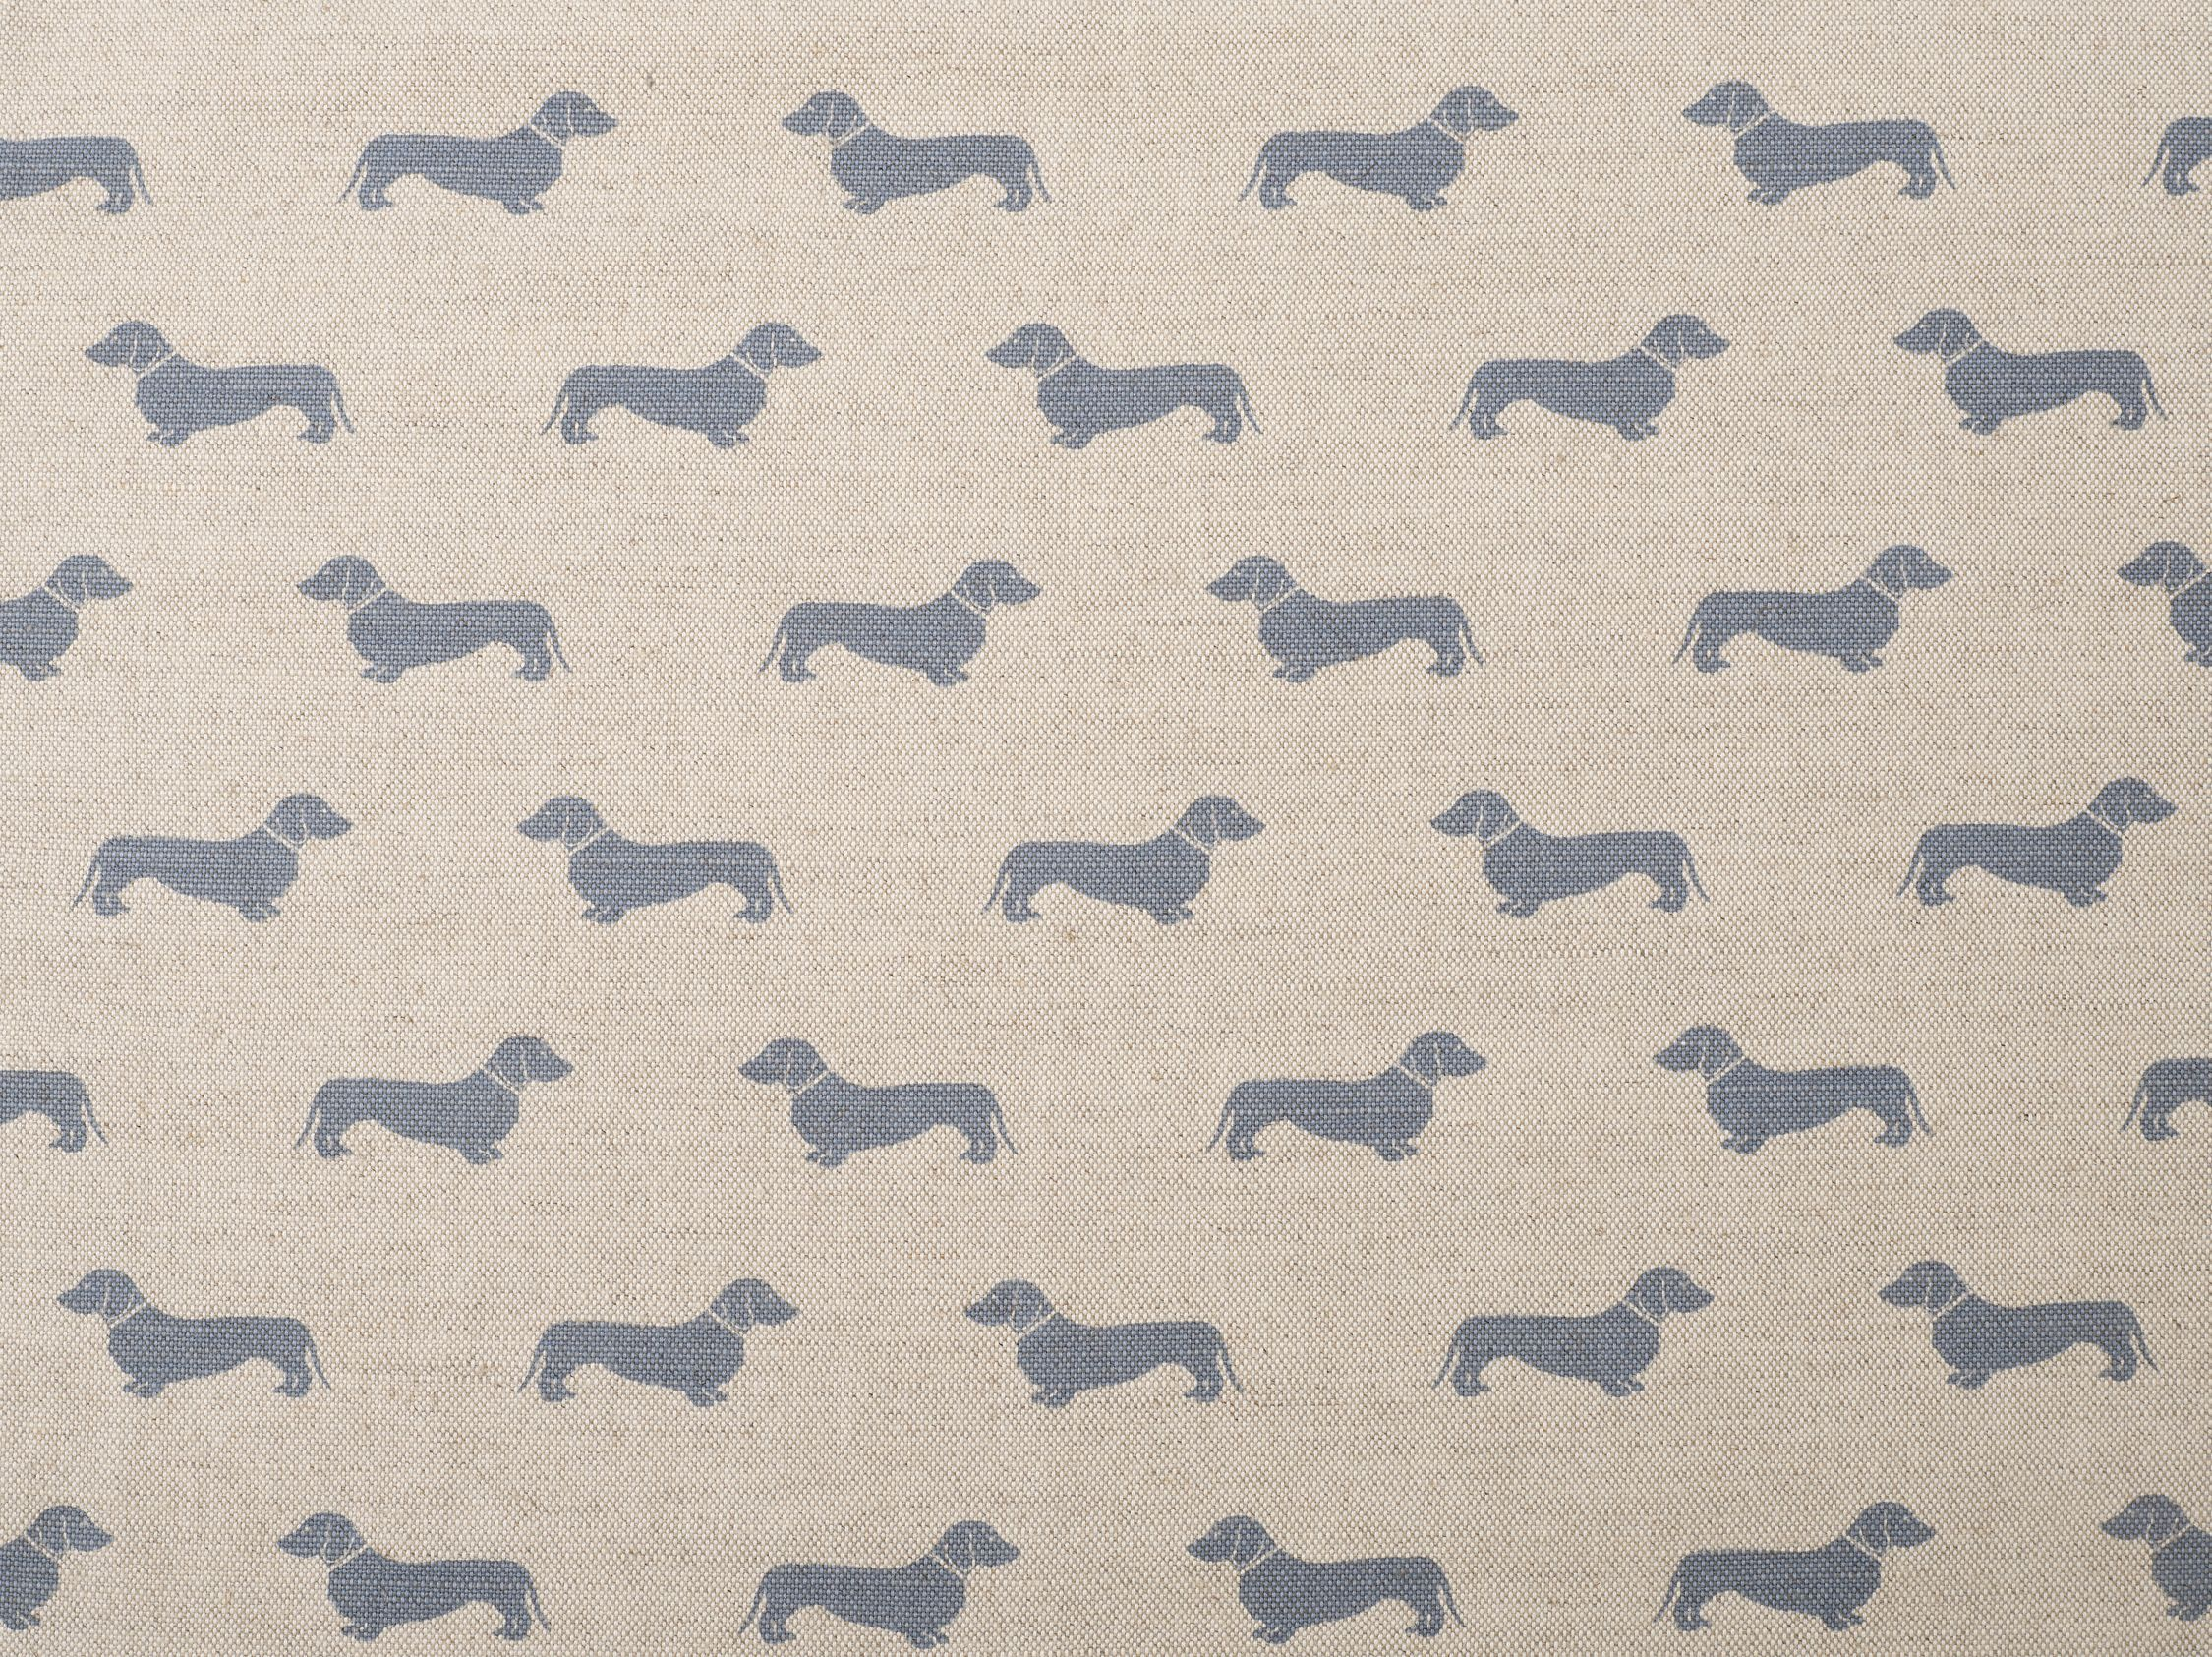 emily bond dachshund bedding